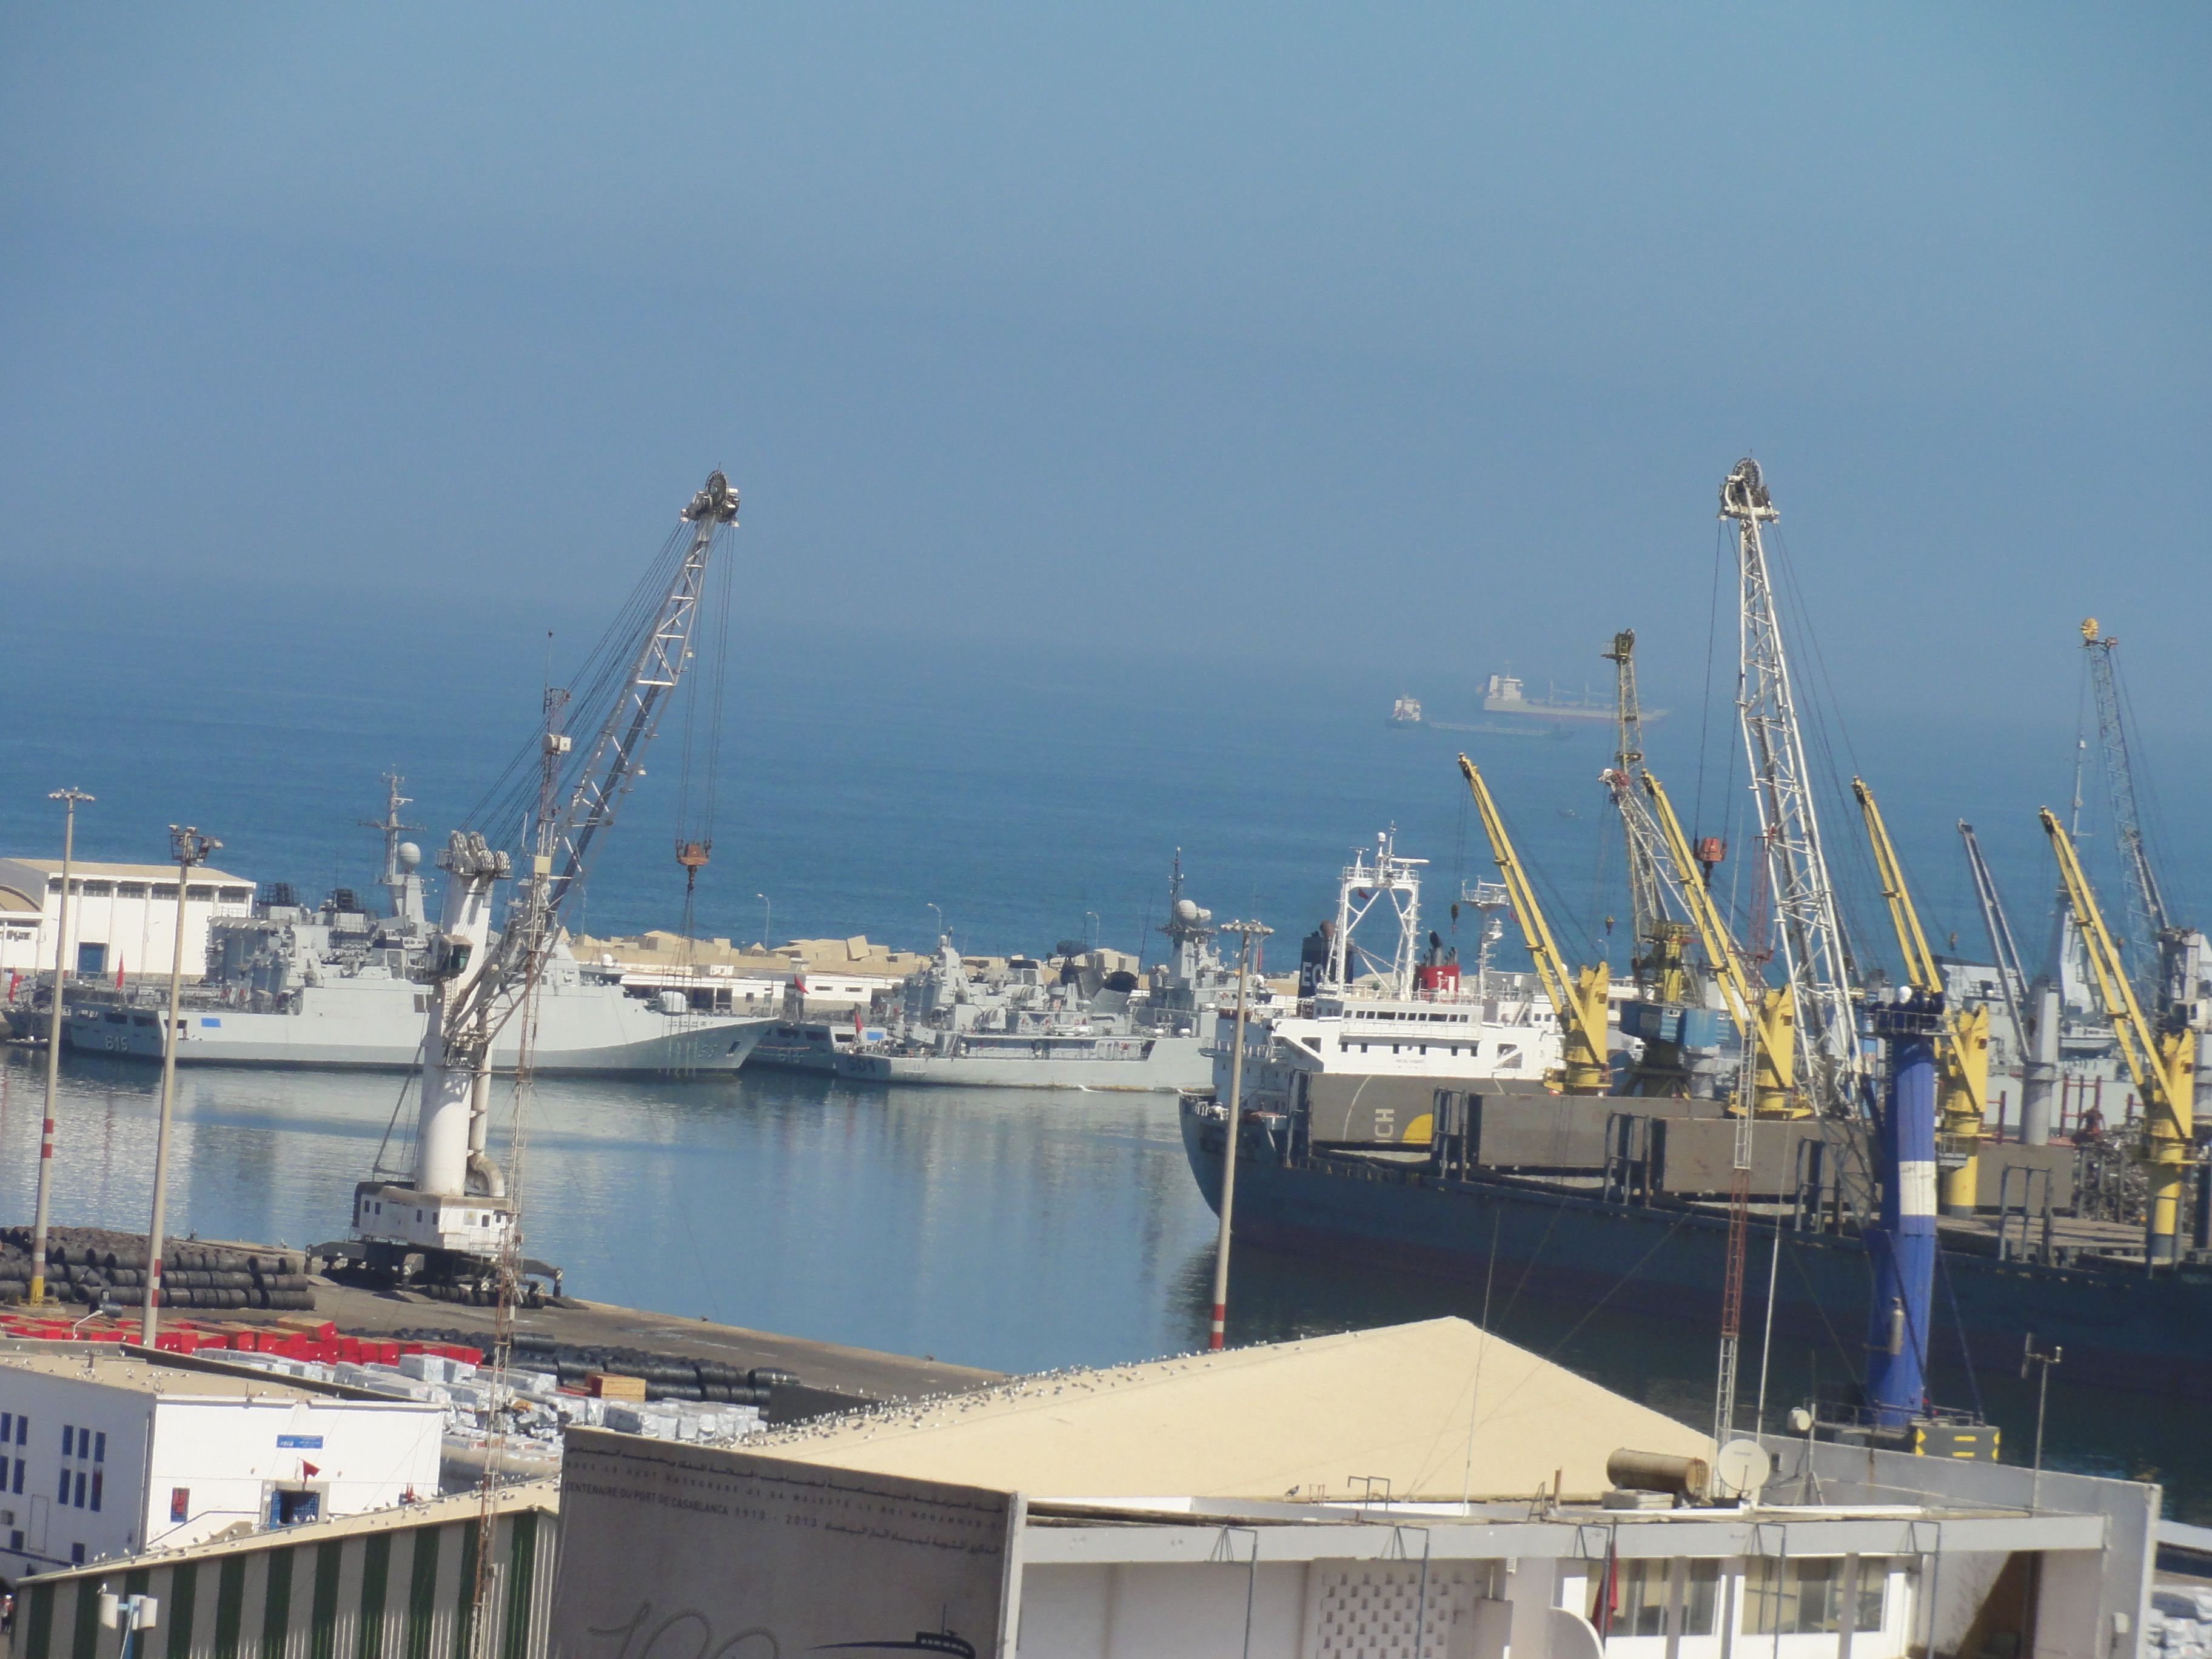 Bases et sites de la Marine Royale Marocaine - Page 2 30910652366_481830a6aa_o